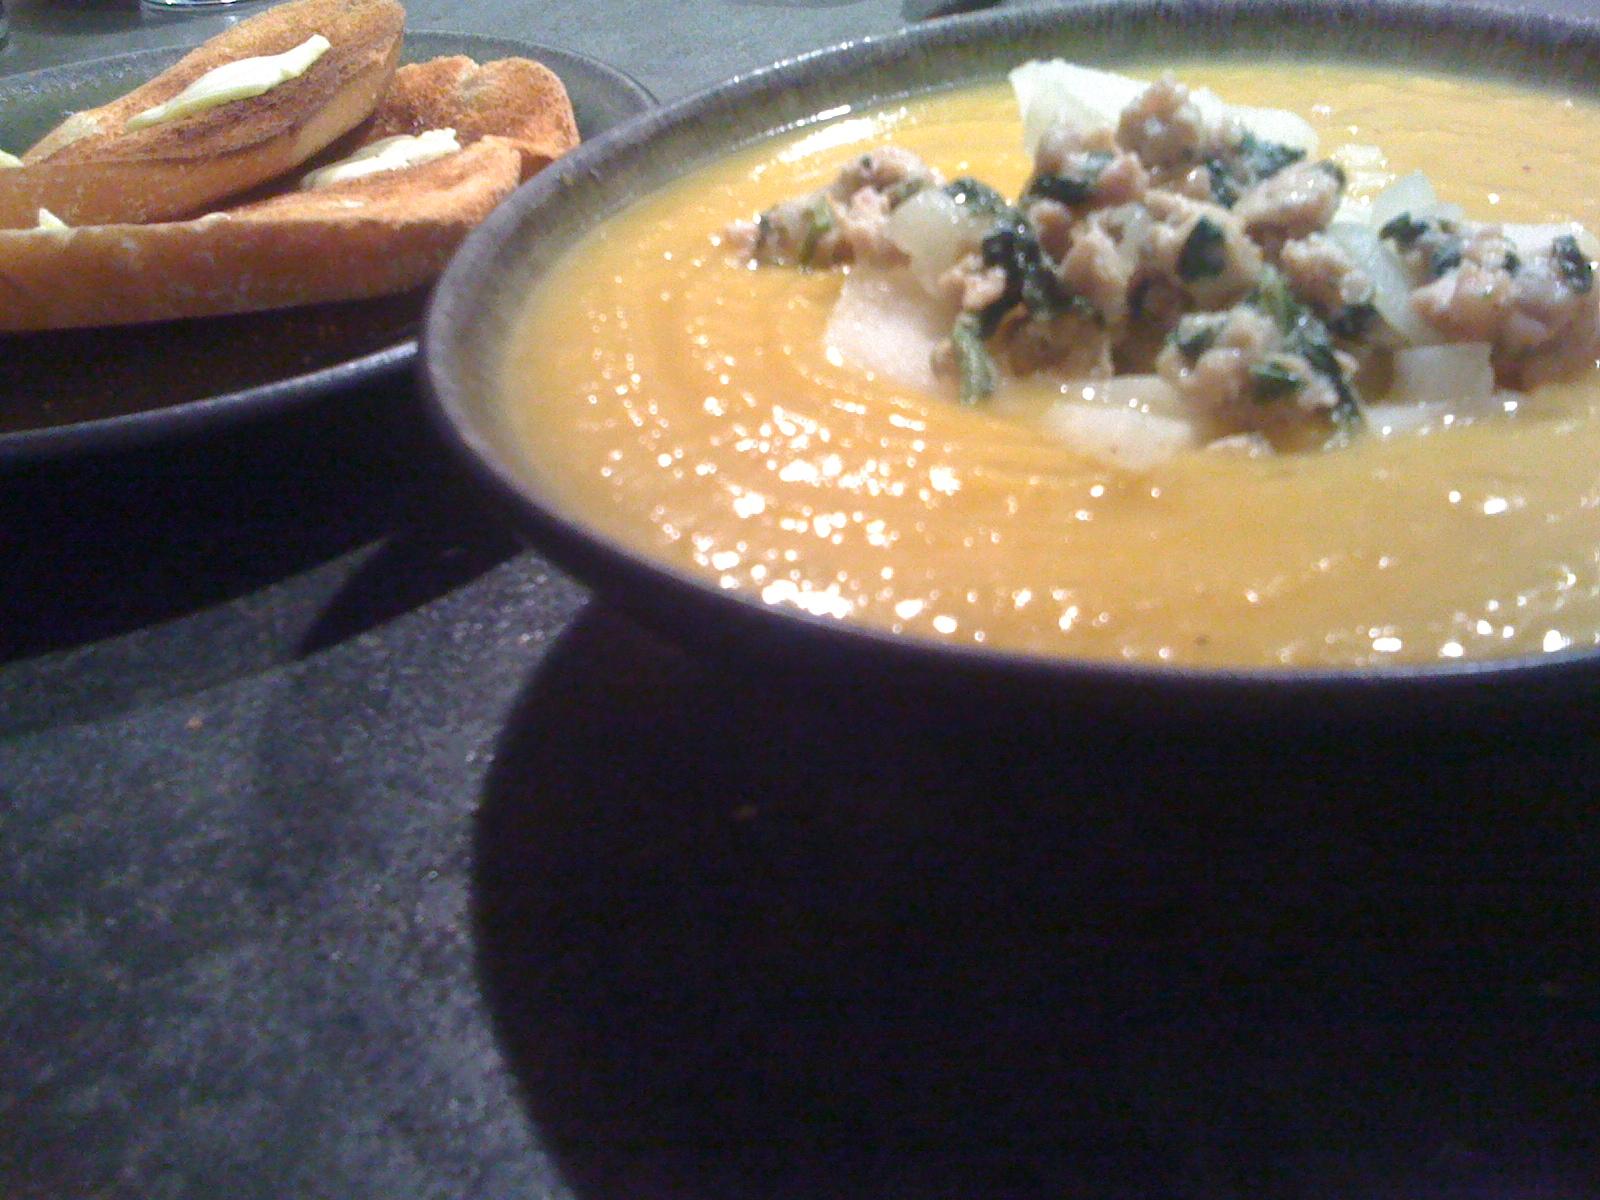 Kristen's Butternut Squash Soup plus toast